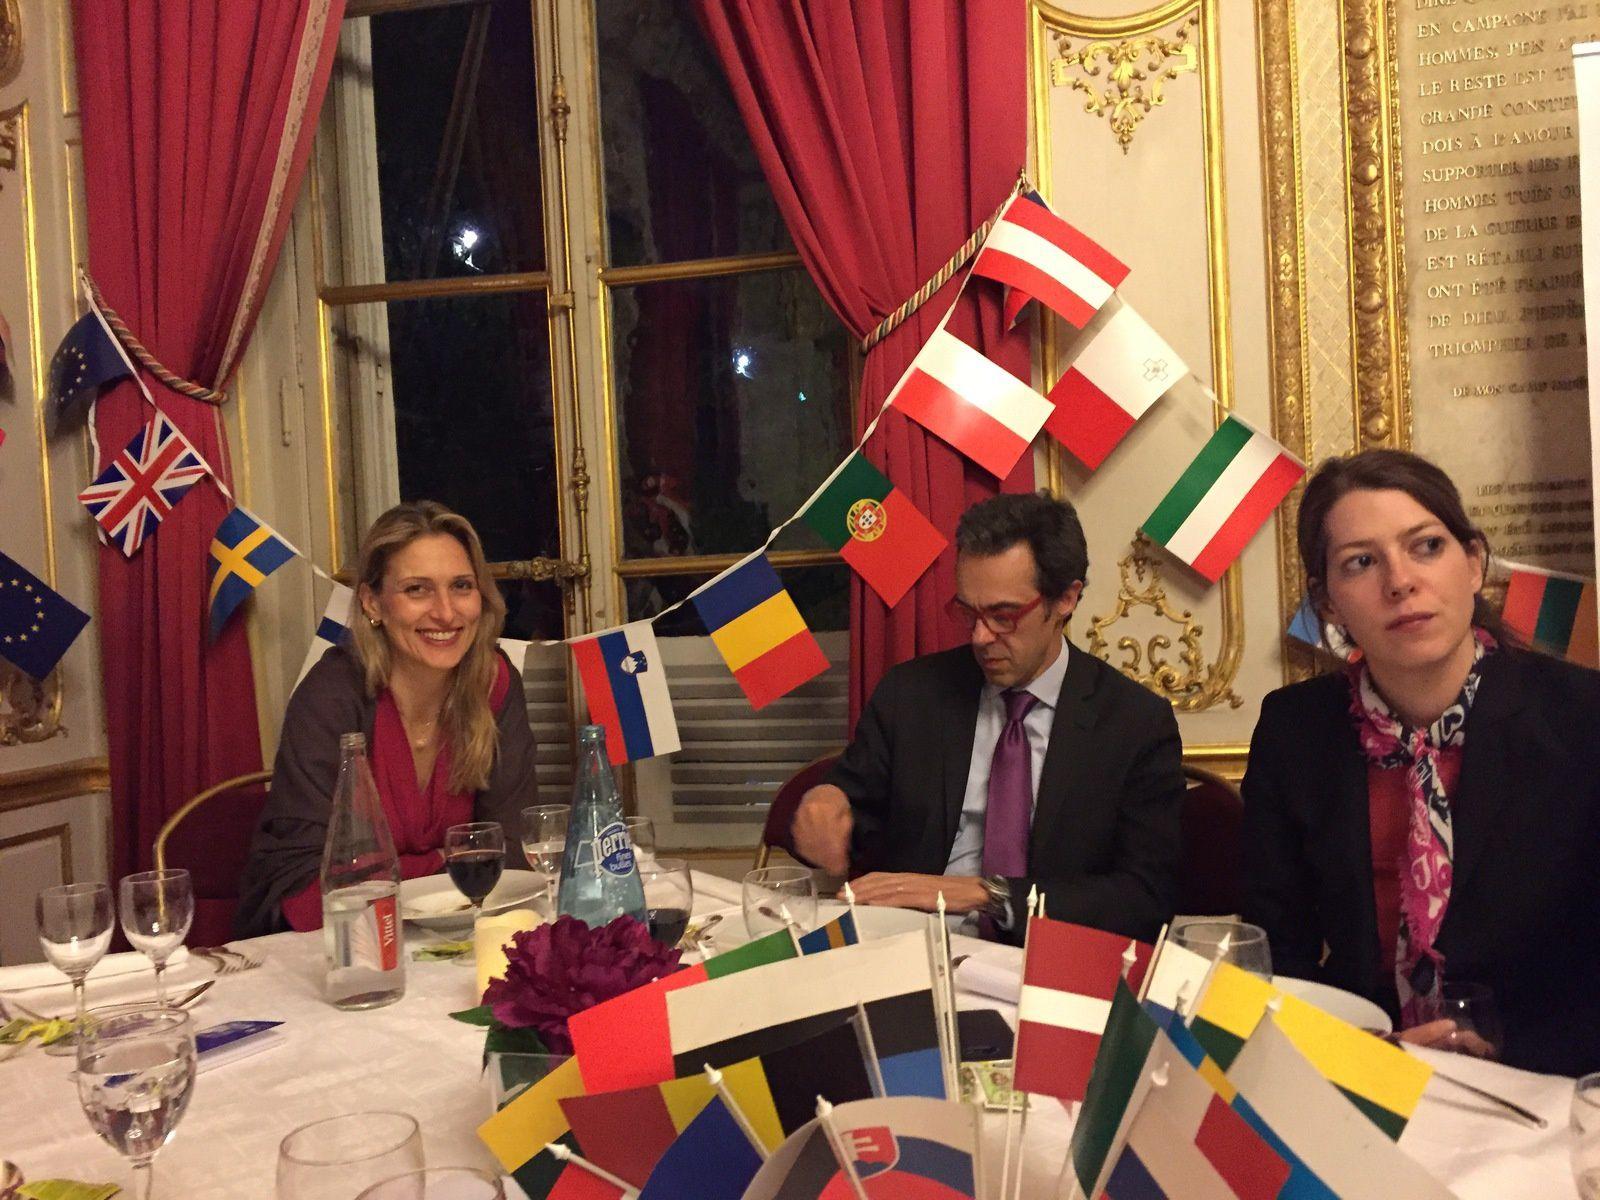 """Mardi 19 avril 2016, l'I.R.C.E. recevait au Sénat M. Jean-Yves LE GALL, Président du CNES sur le thème """"Entre NewSpace et puissances émergentes, le double défi de l'Europe spatiale"""""""